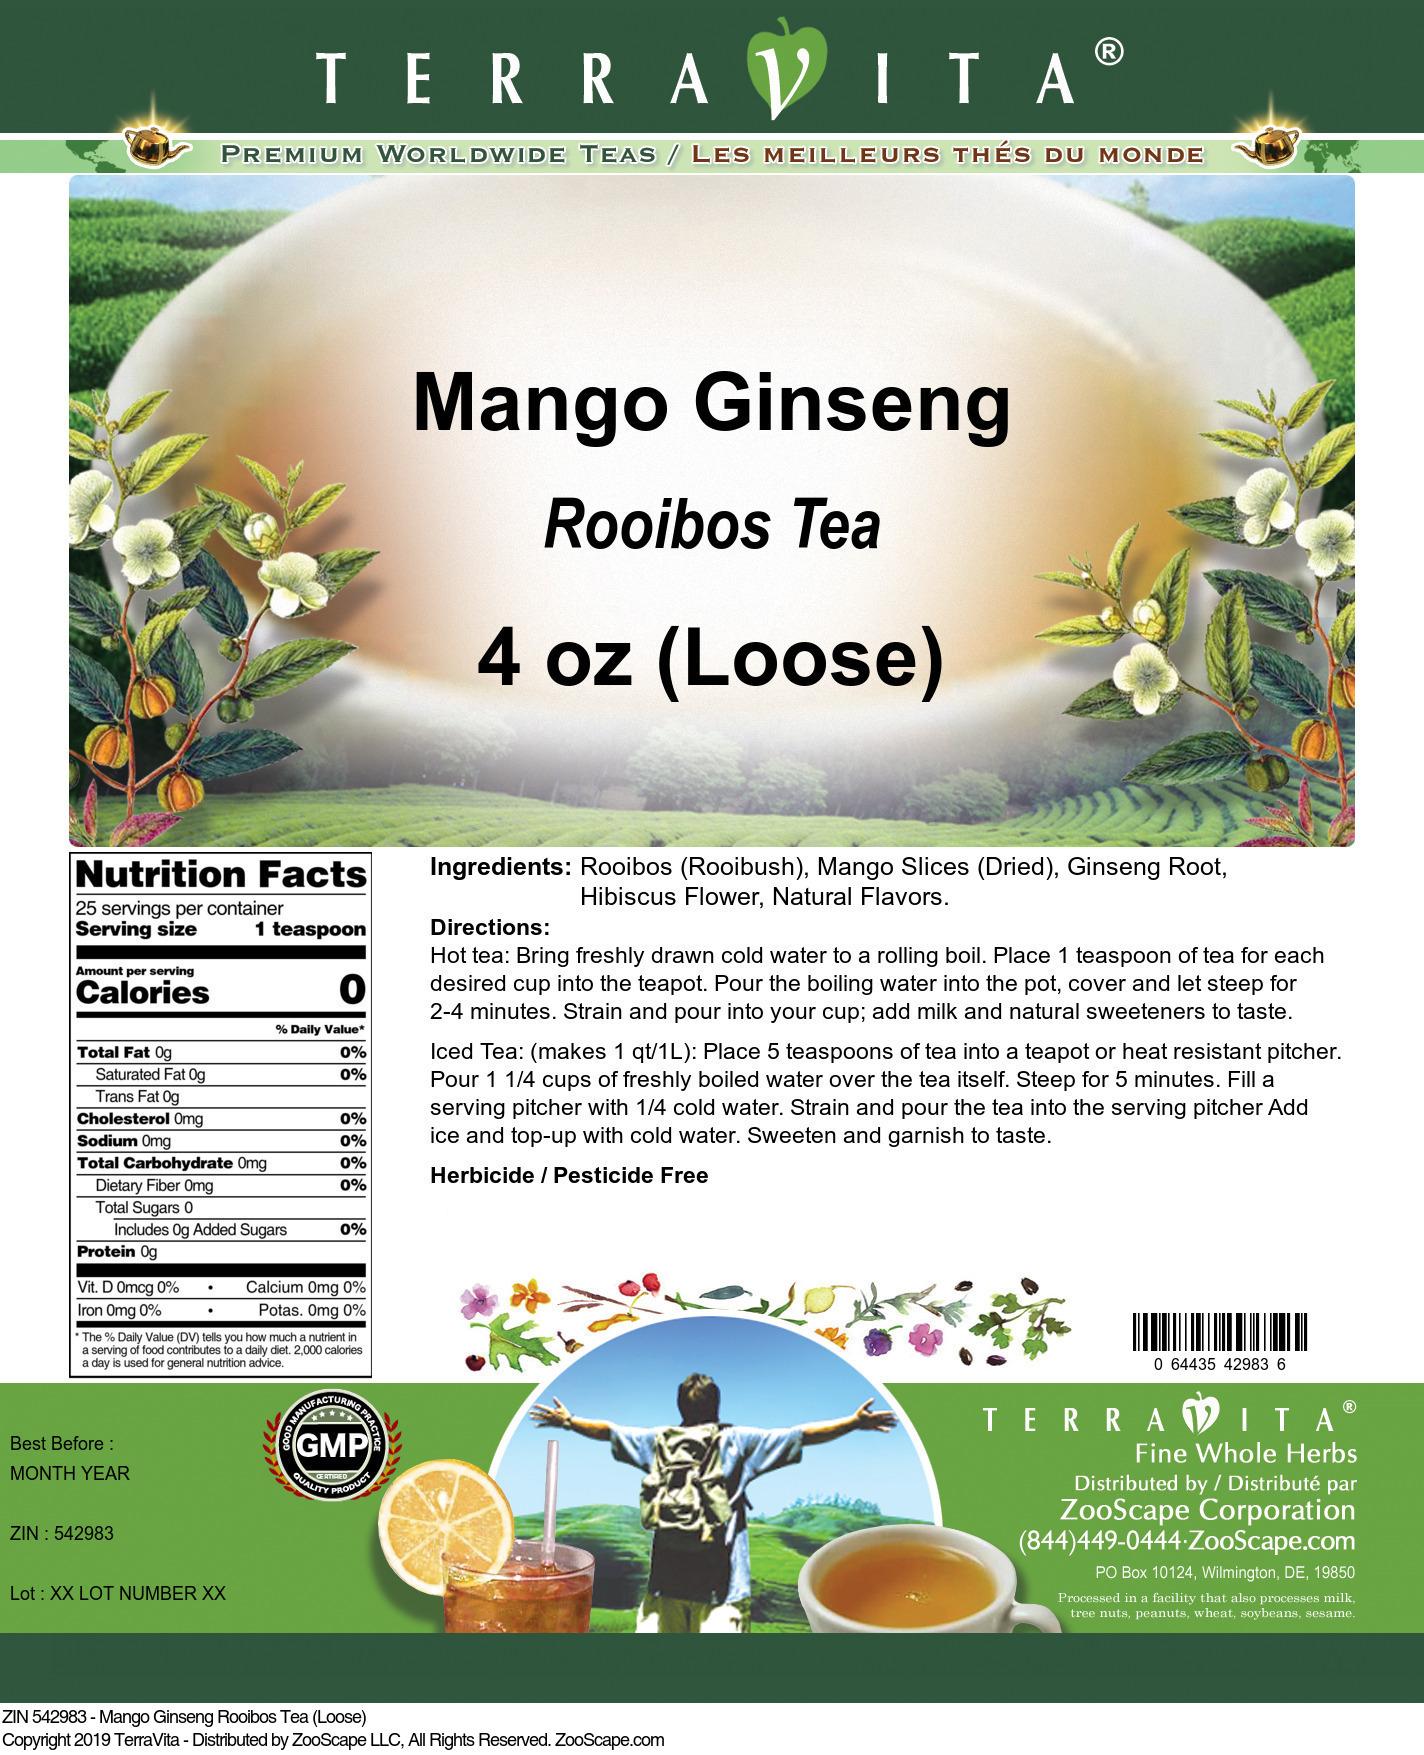 Mango Ginseng Rooibos Tea (Loose)